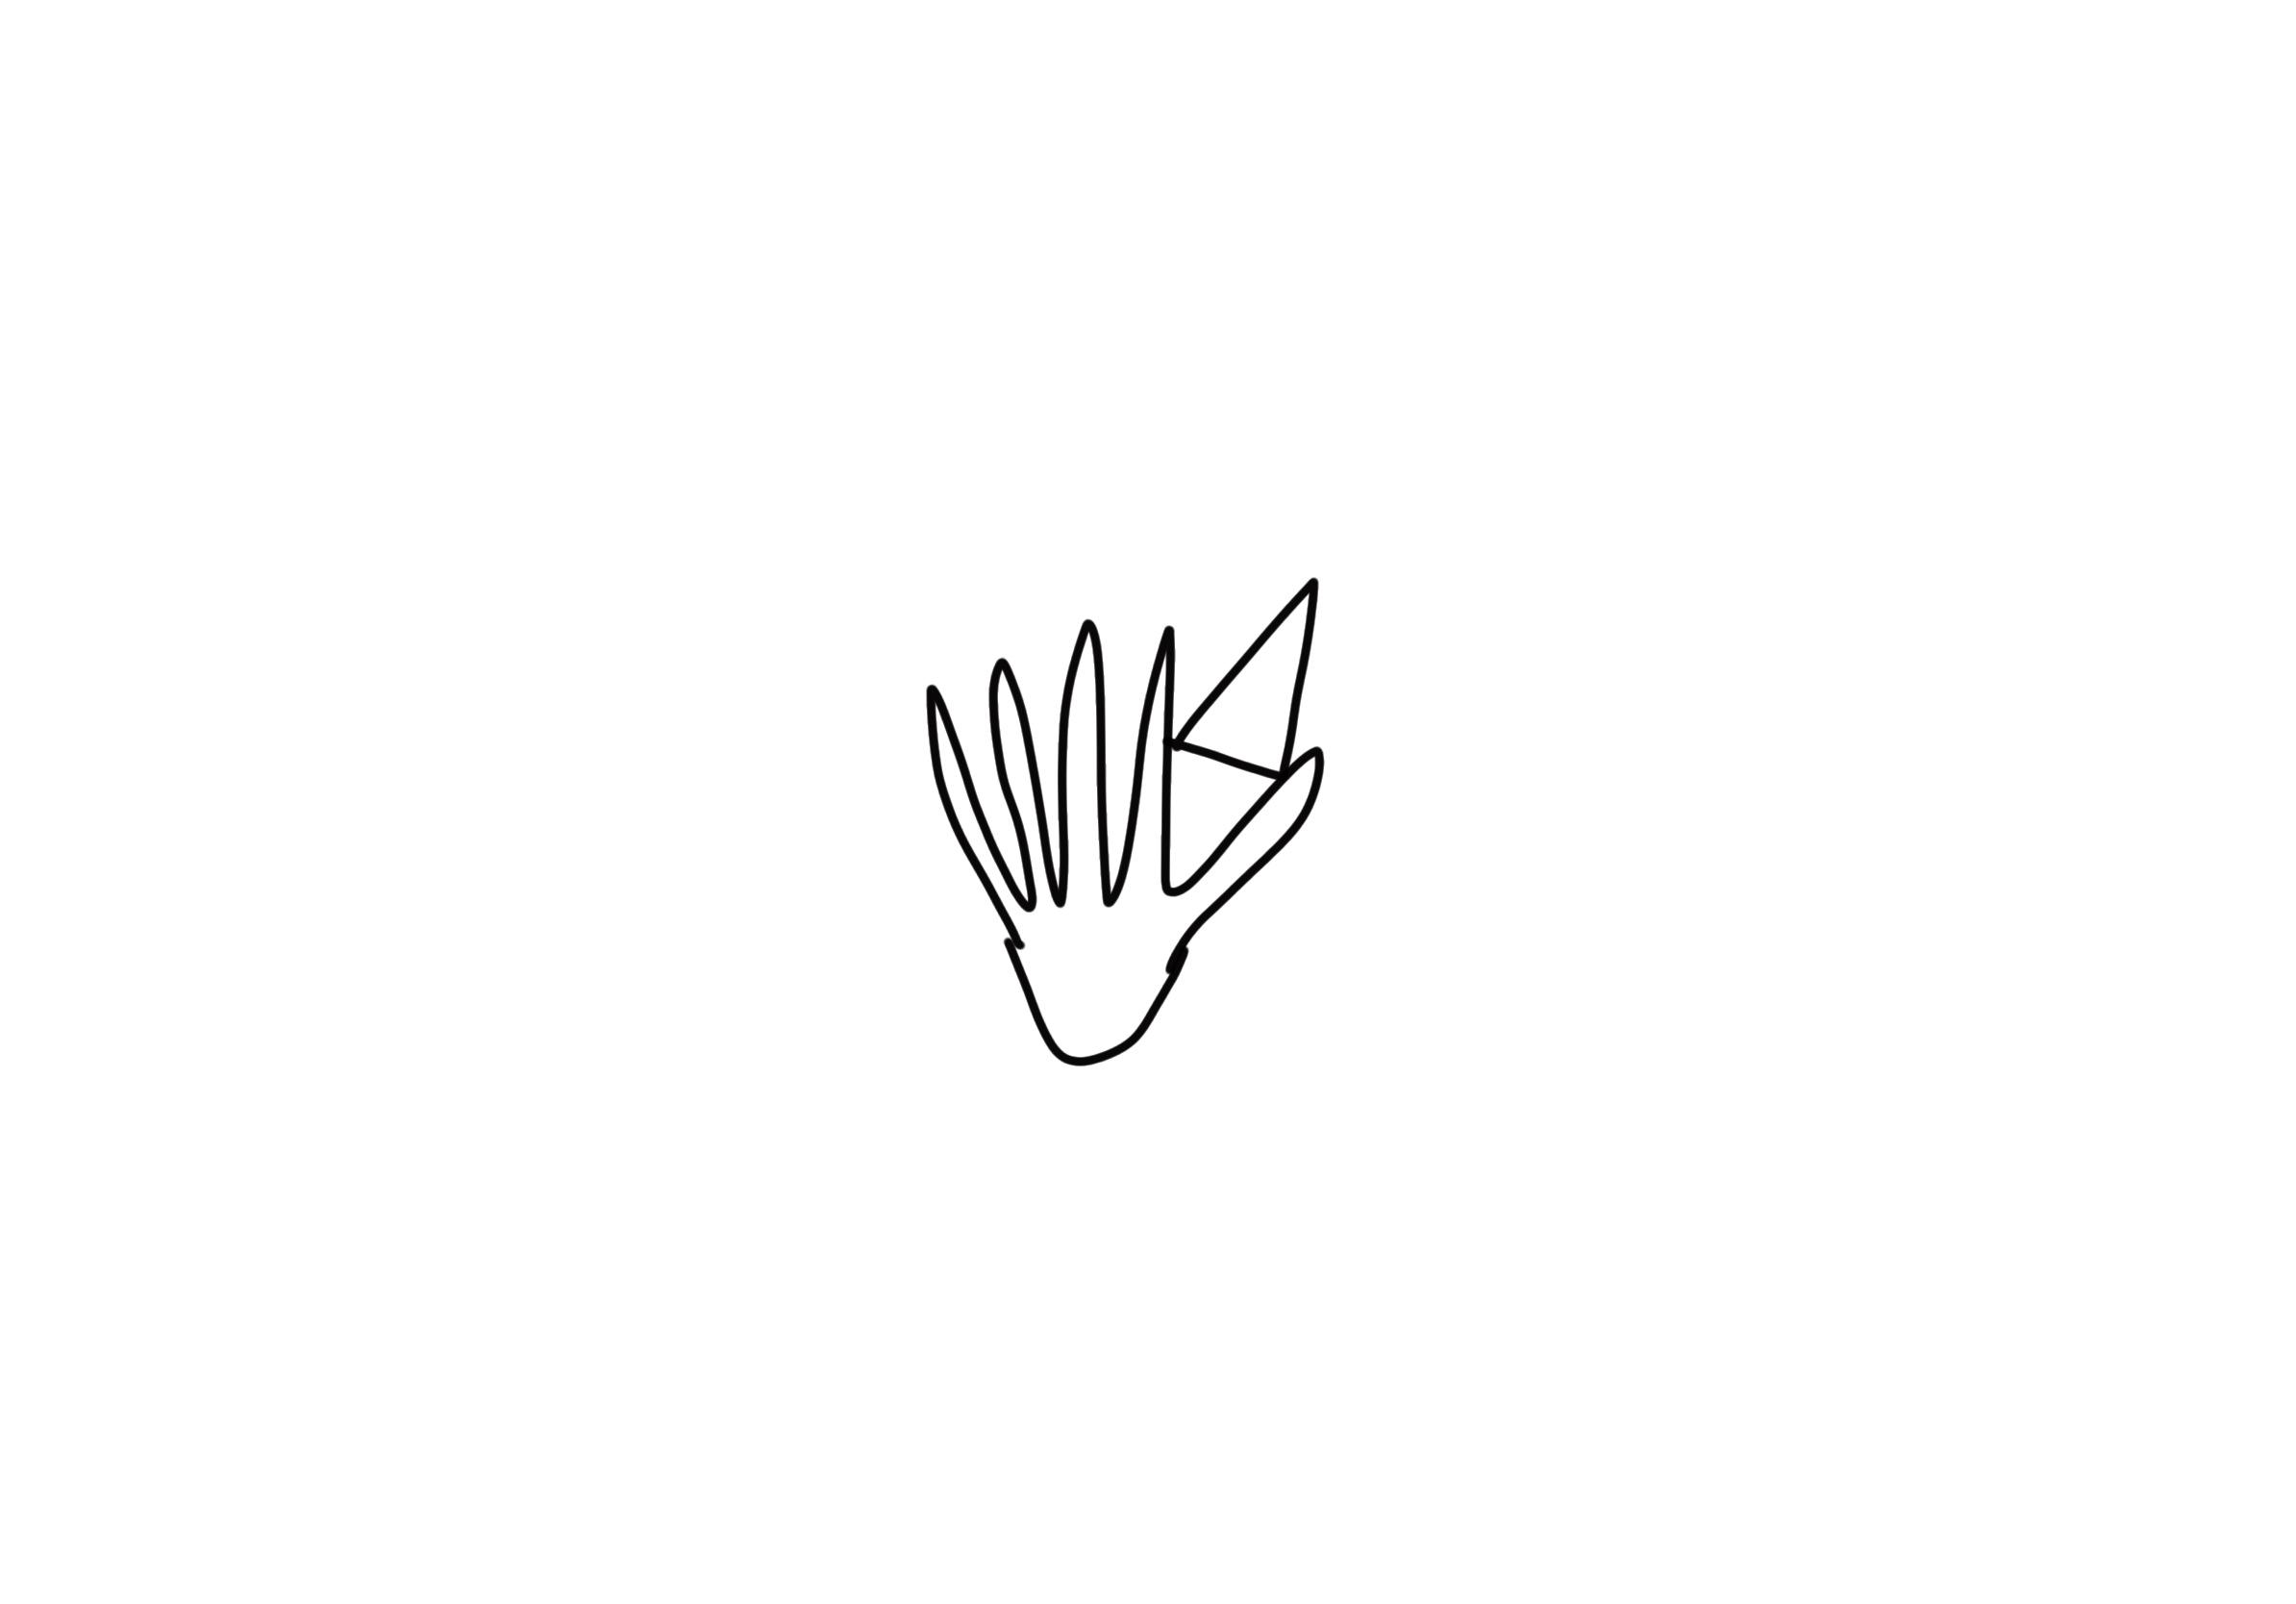 digitaal beeld met een vleugje zwaartekracht